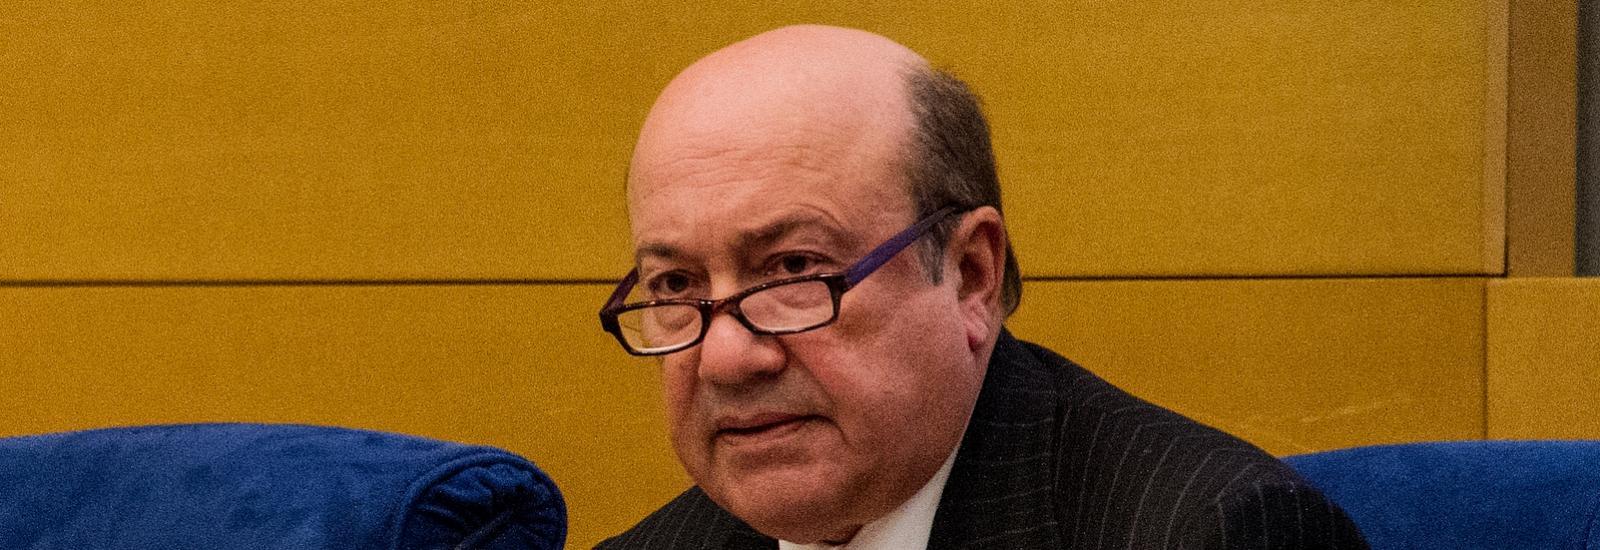 Igor Ivanov, ancien ministre, président du Conseil russe pour les Affaires internationales (RIAC)